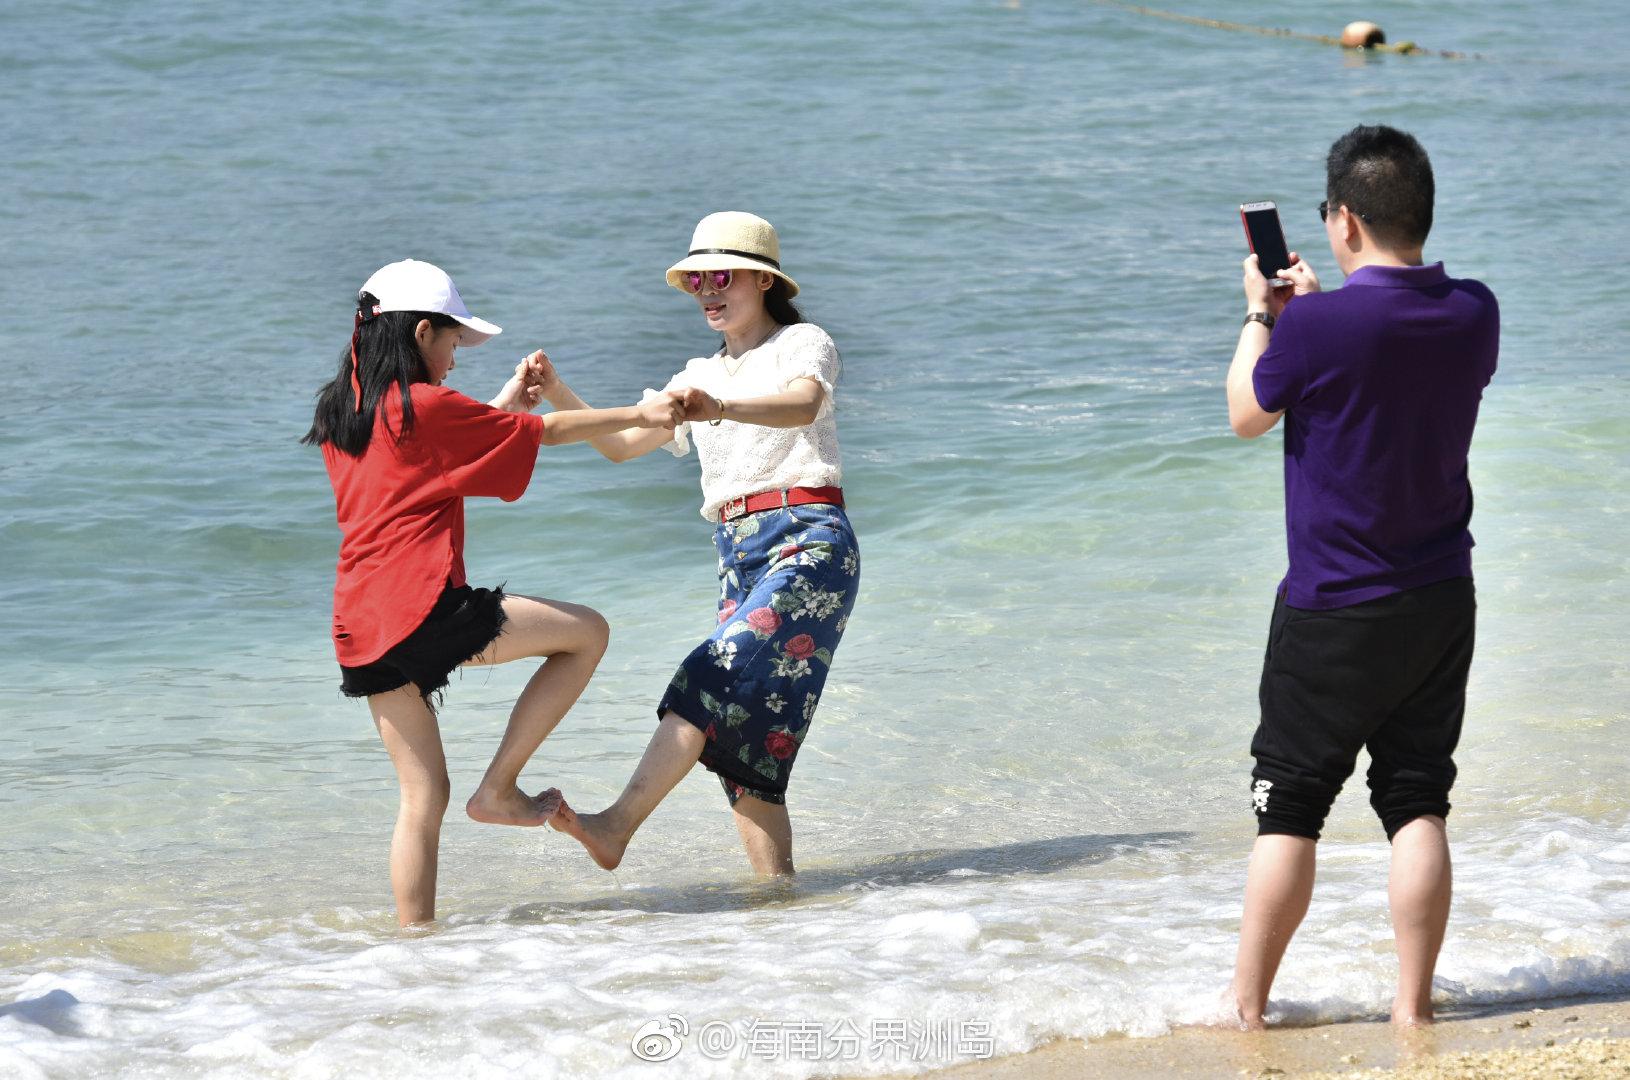 美丽的分界洲岛,总是能带给孩子们惊喜